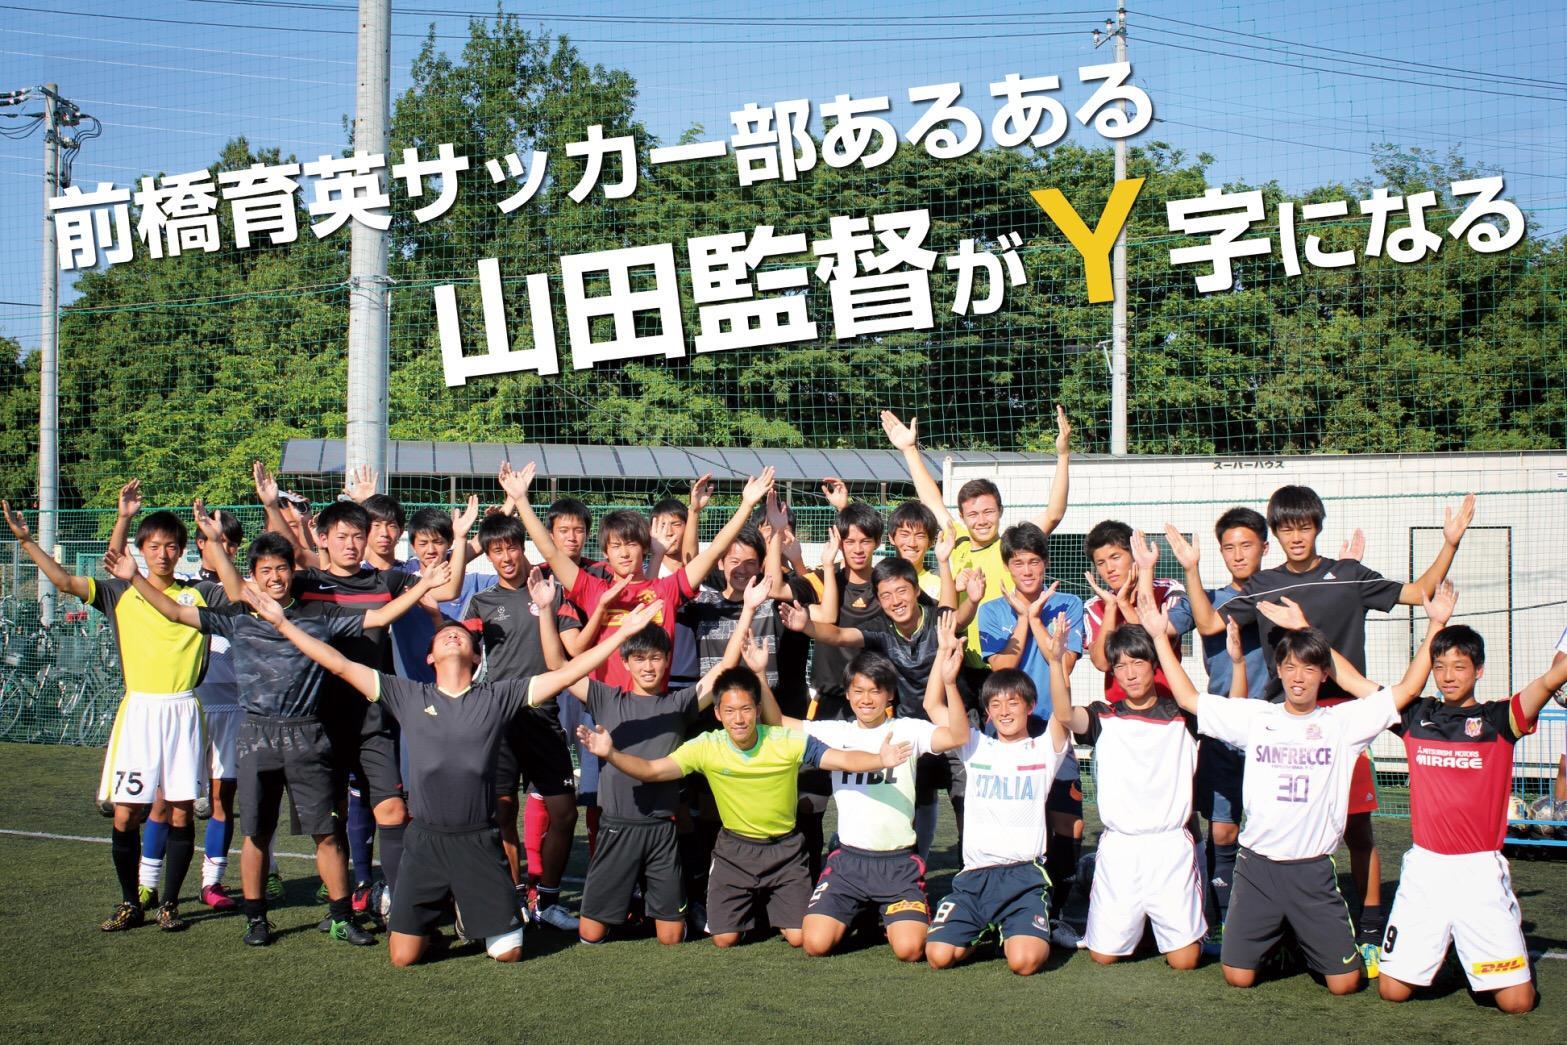 前橋育英高校サッカー部あるある「試合中、プレーにミスが出ると山田監督がY字になる」